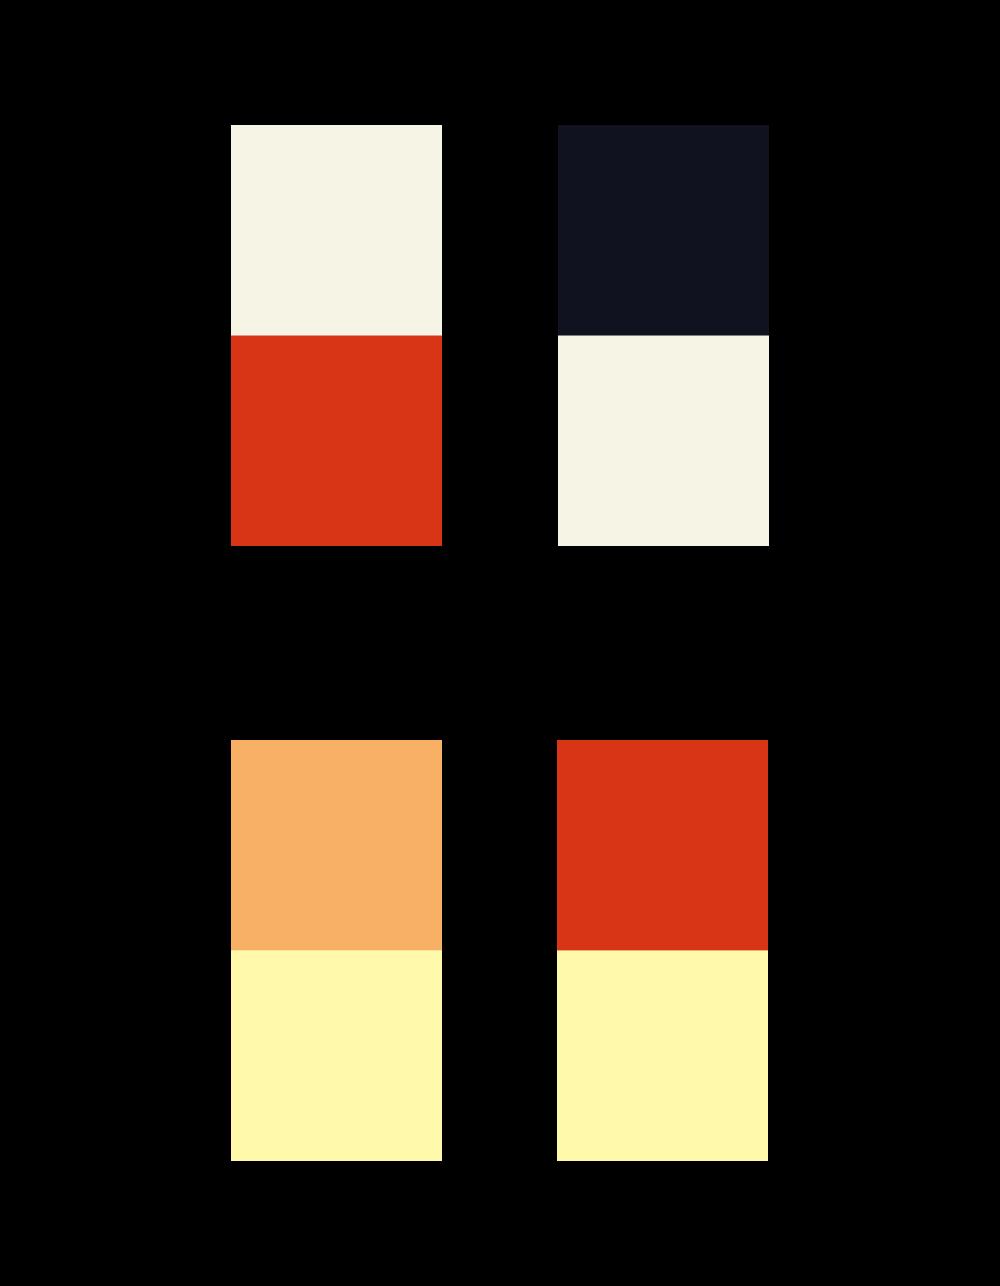 Color combination Check